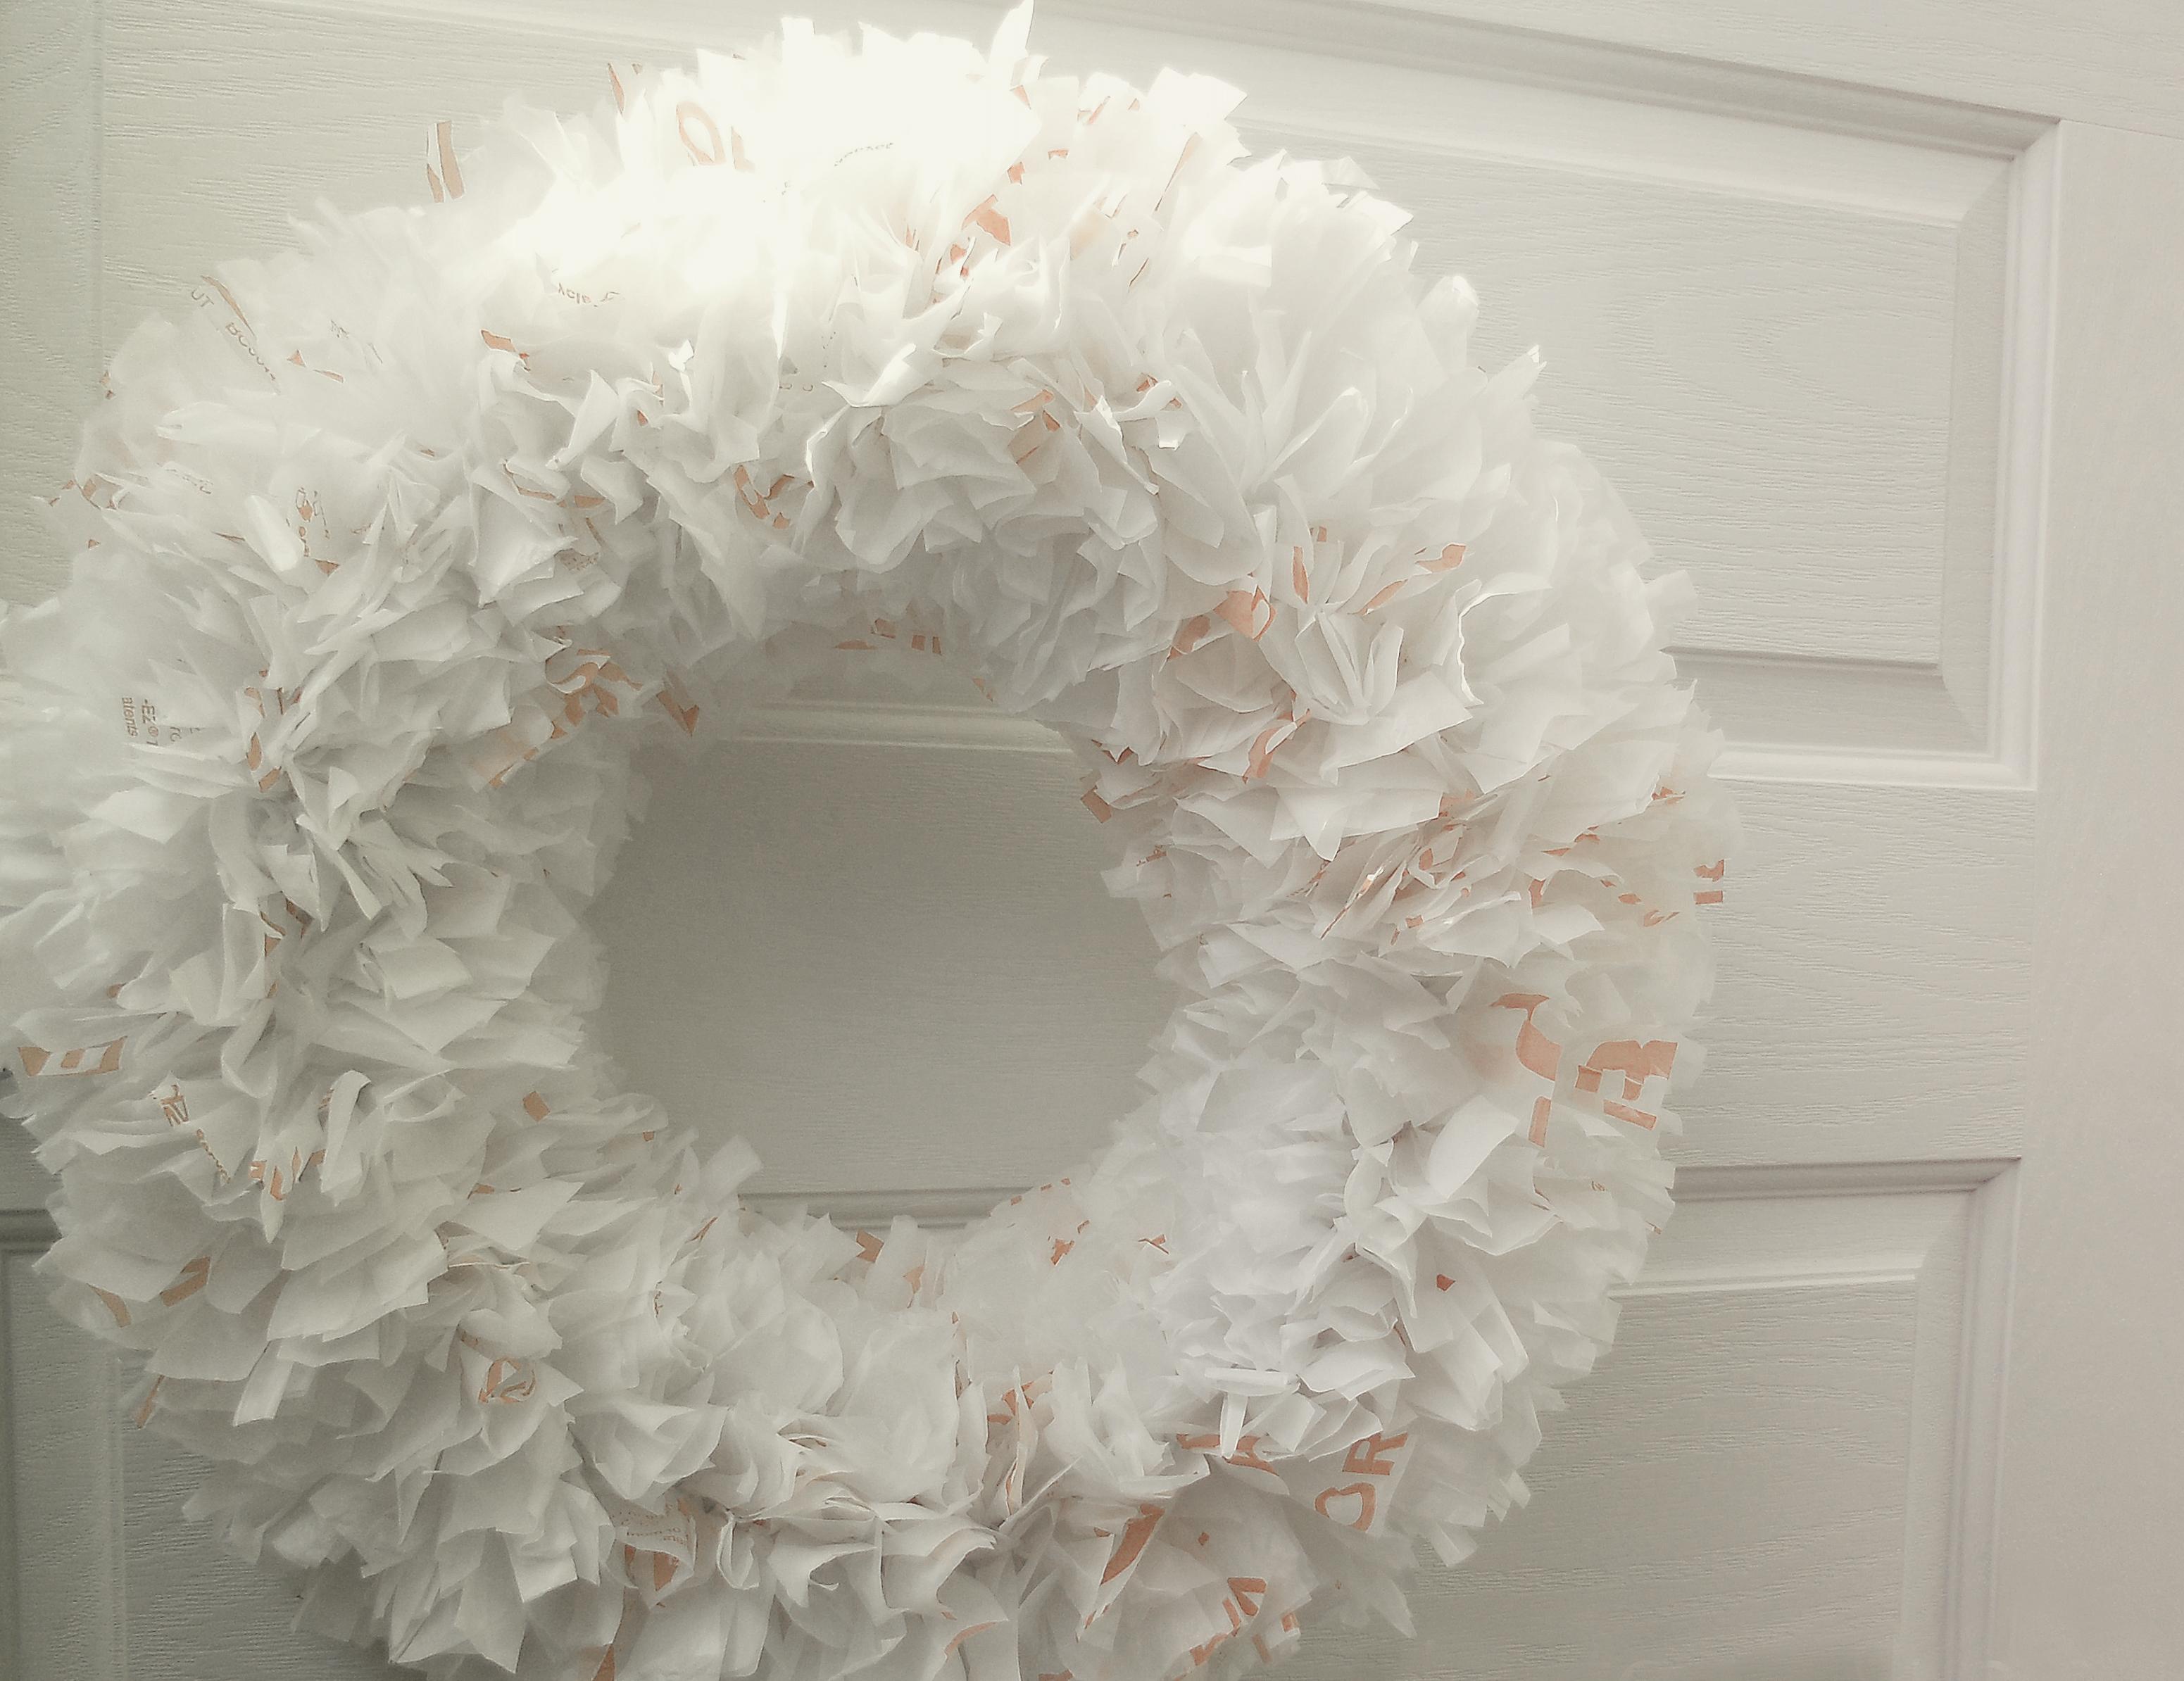 corona de Navidad hecha con bolsas de plástico